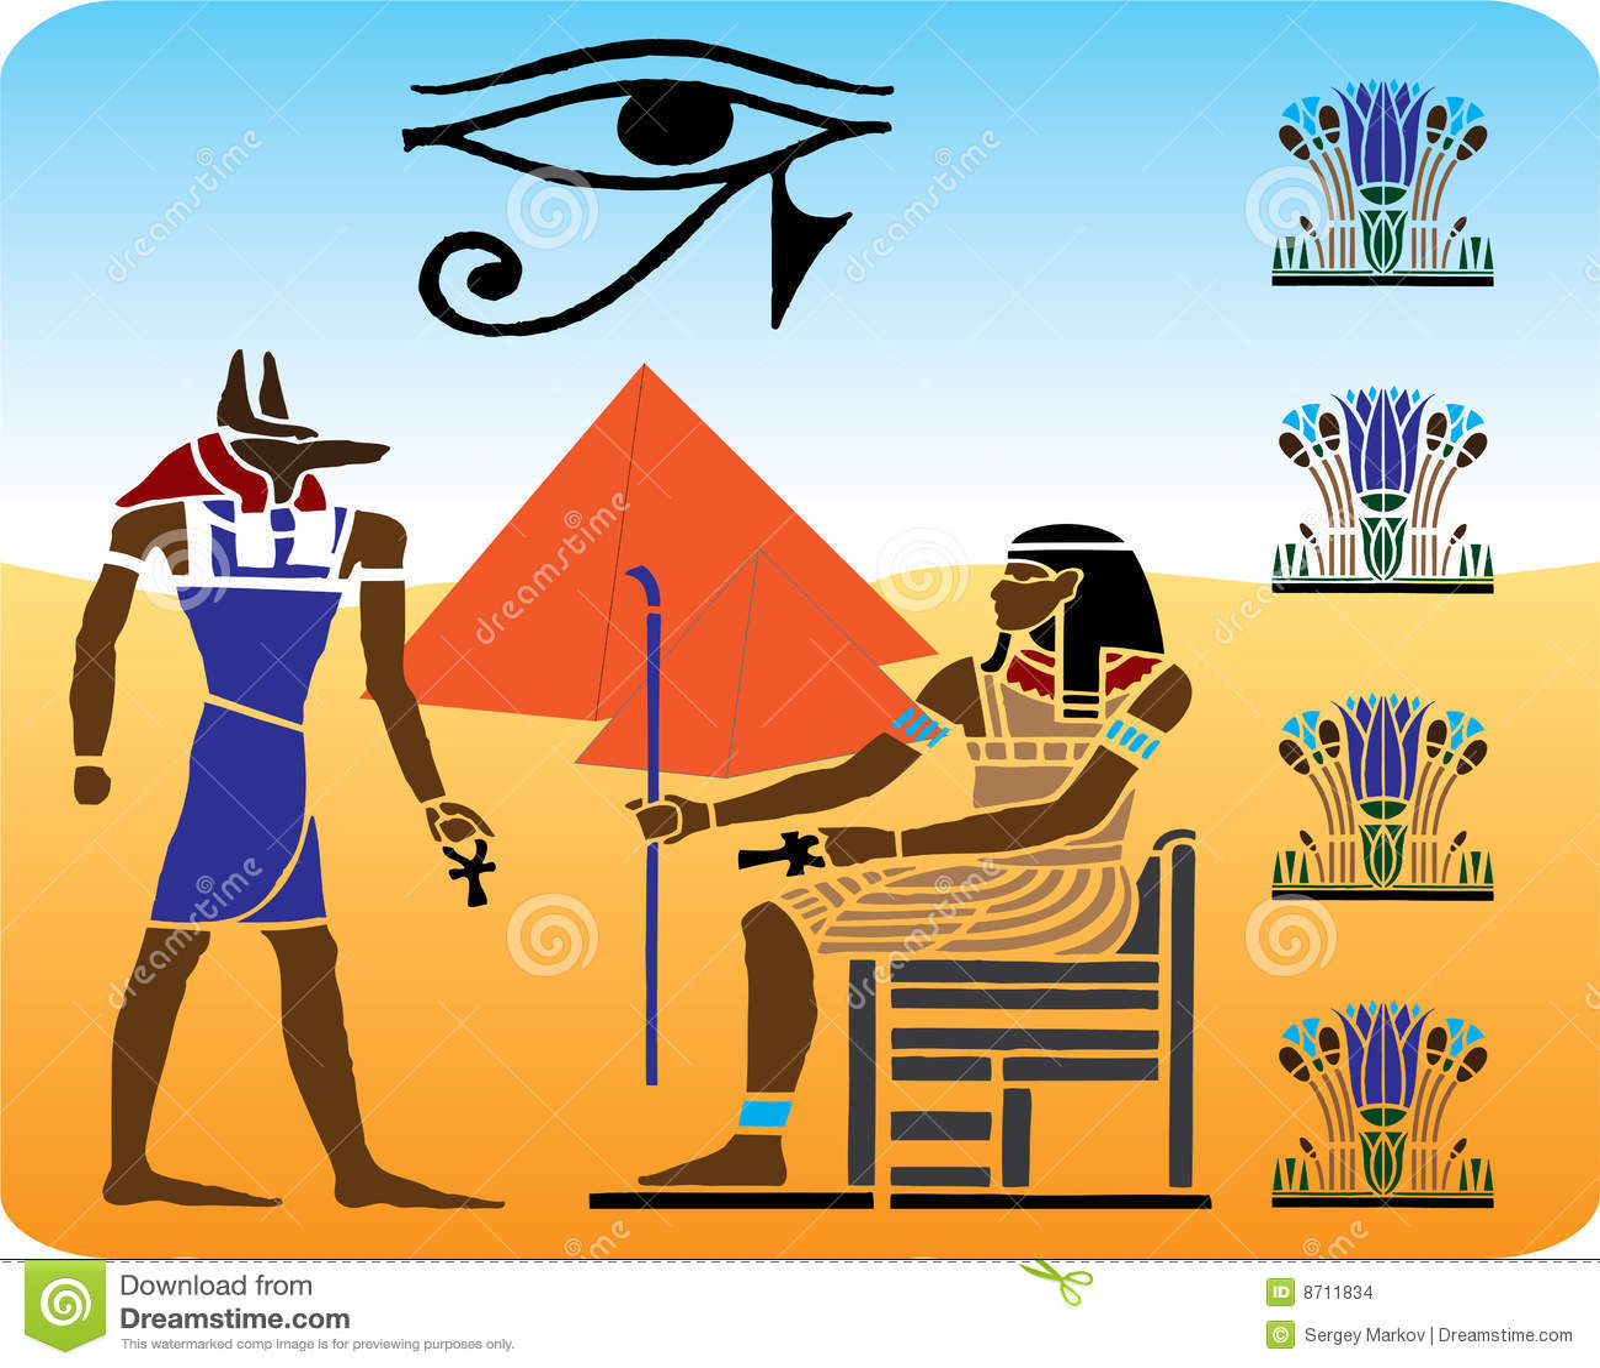 10个埃及象形文字